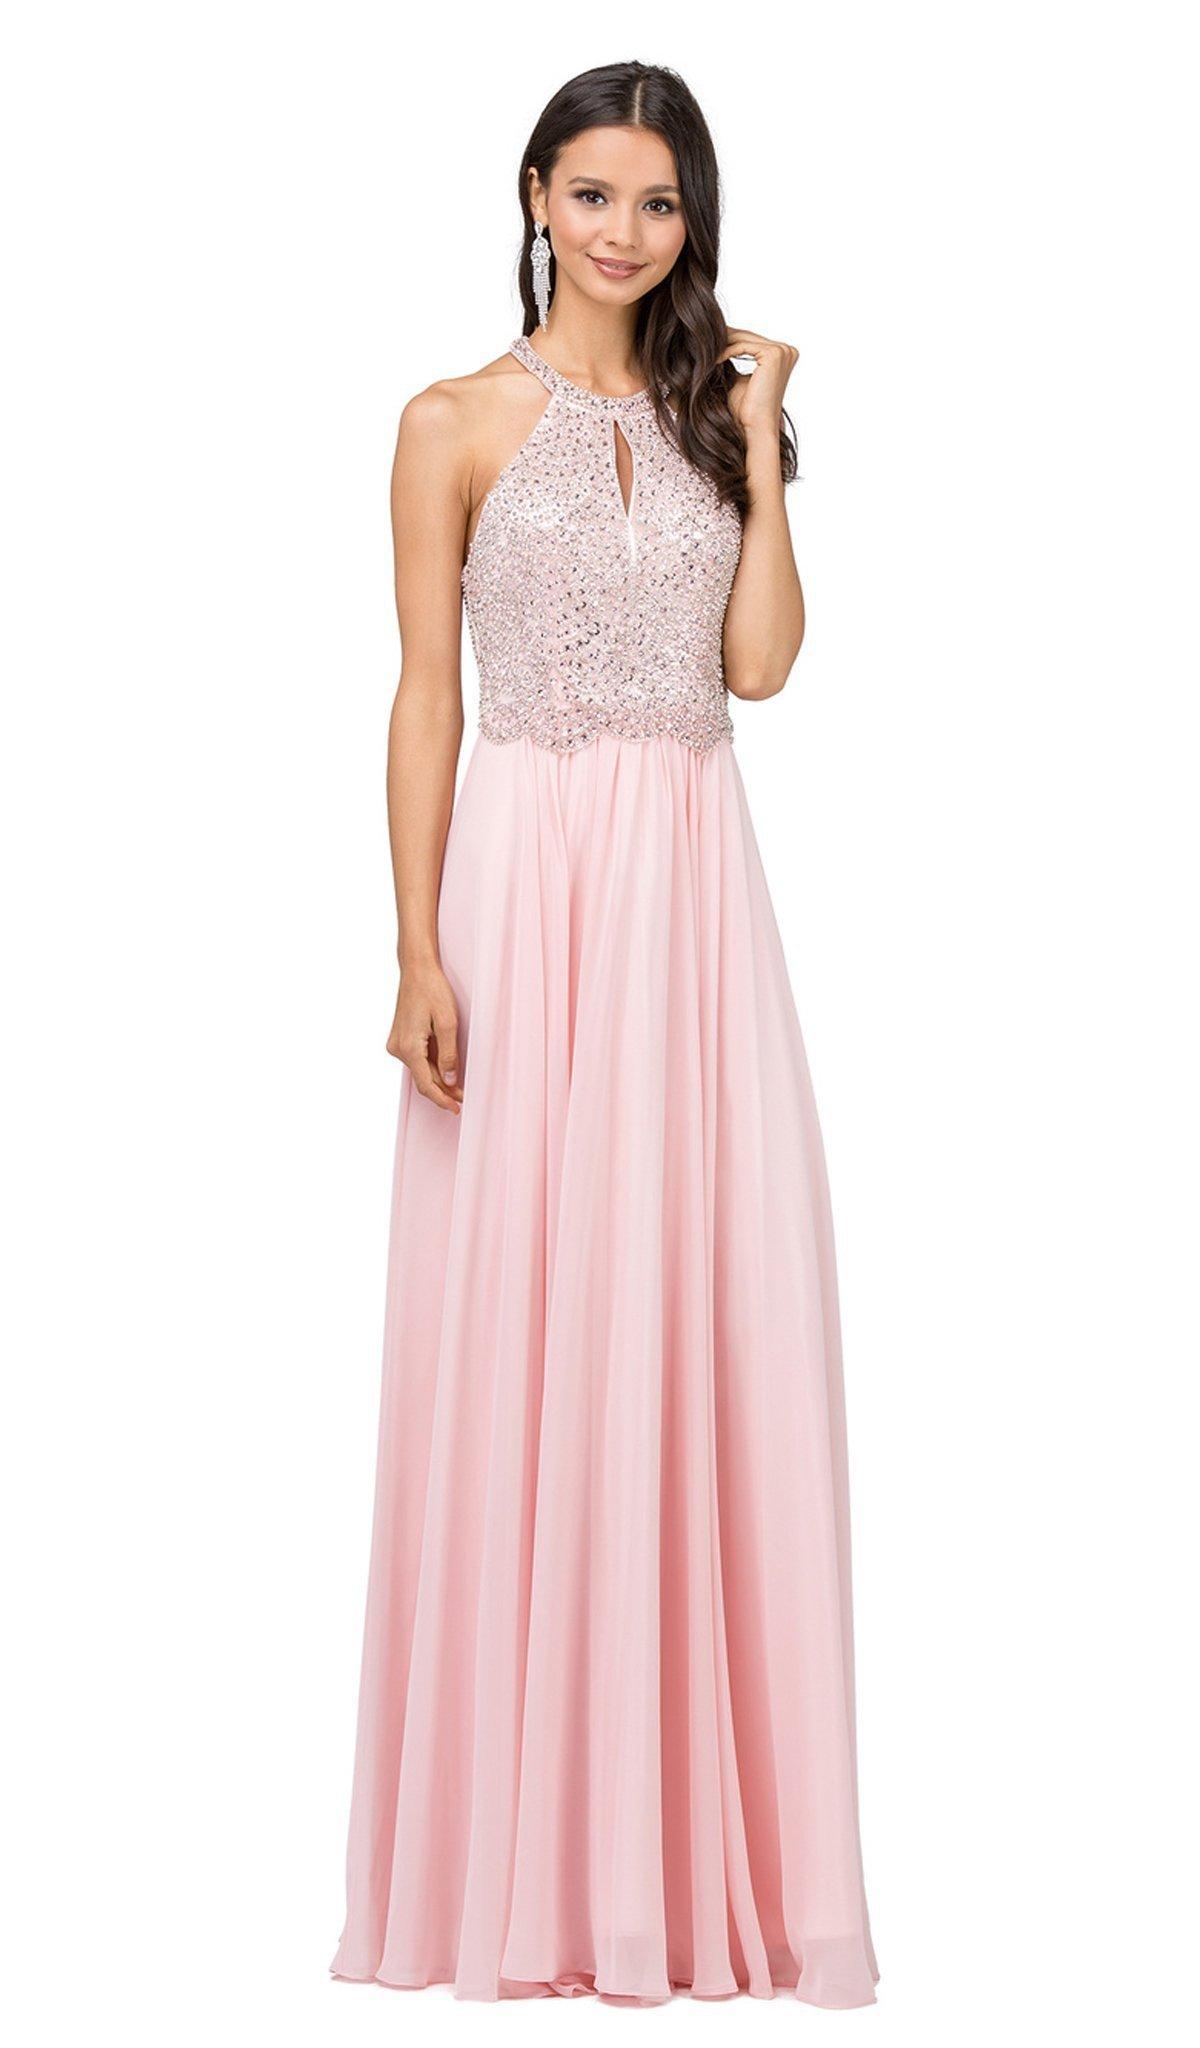 Dancing Queen - 2402 Bead Embellished Halter Evening Dress